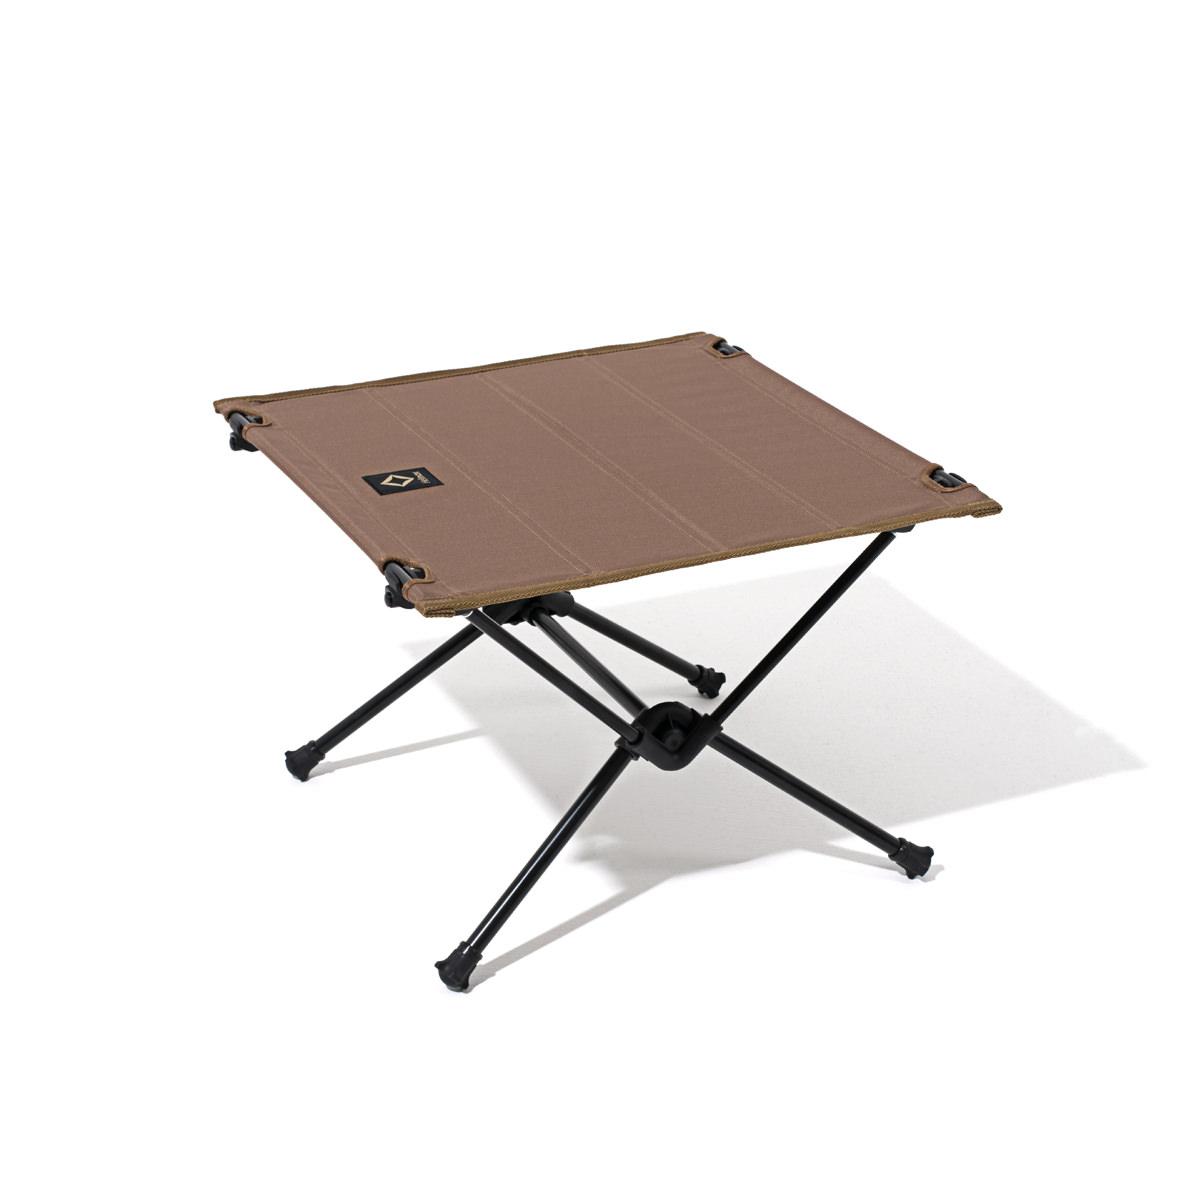 Helinox/ヘリノックス Tactical Table S/タクティカル テーブル S コヨーテ